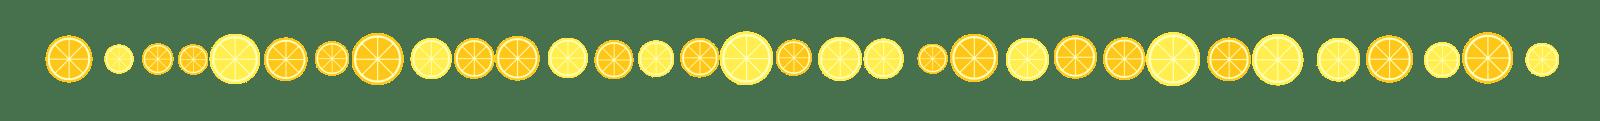 lemon_border